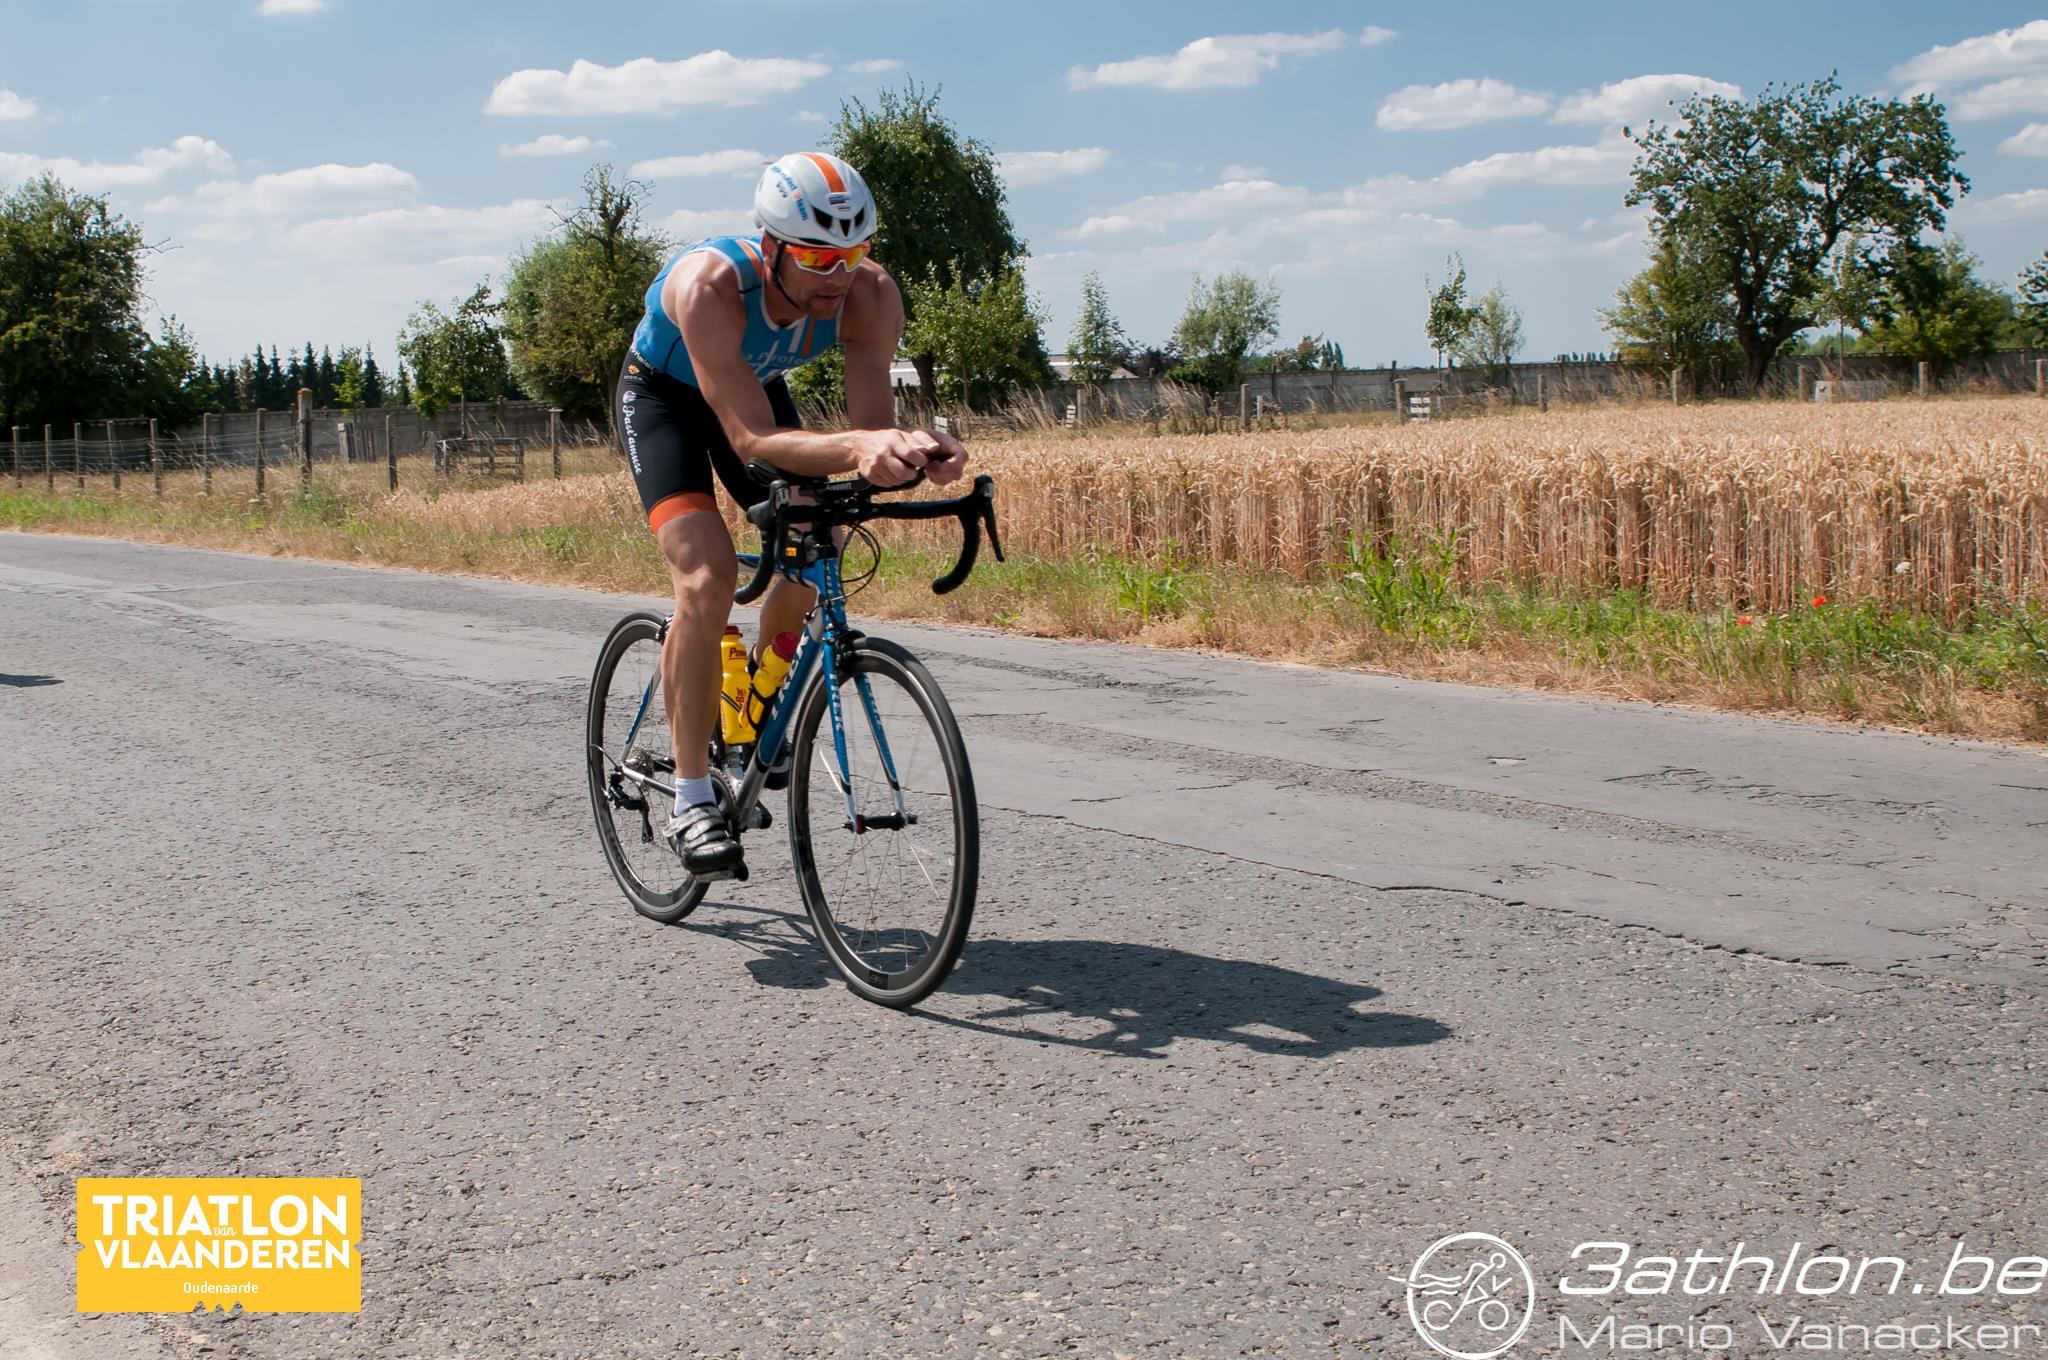 Triatlon van Vlaanderen (08/07/2018)